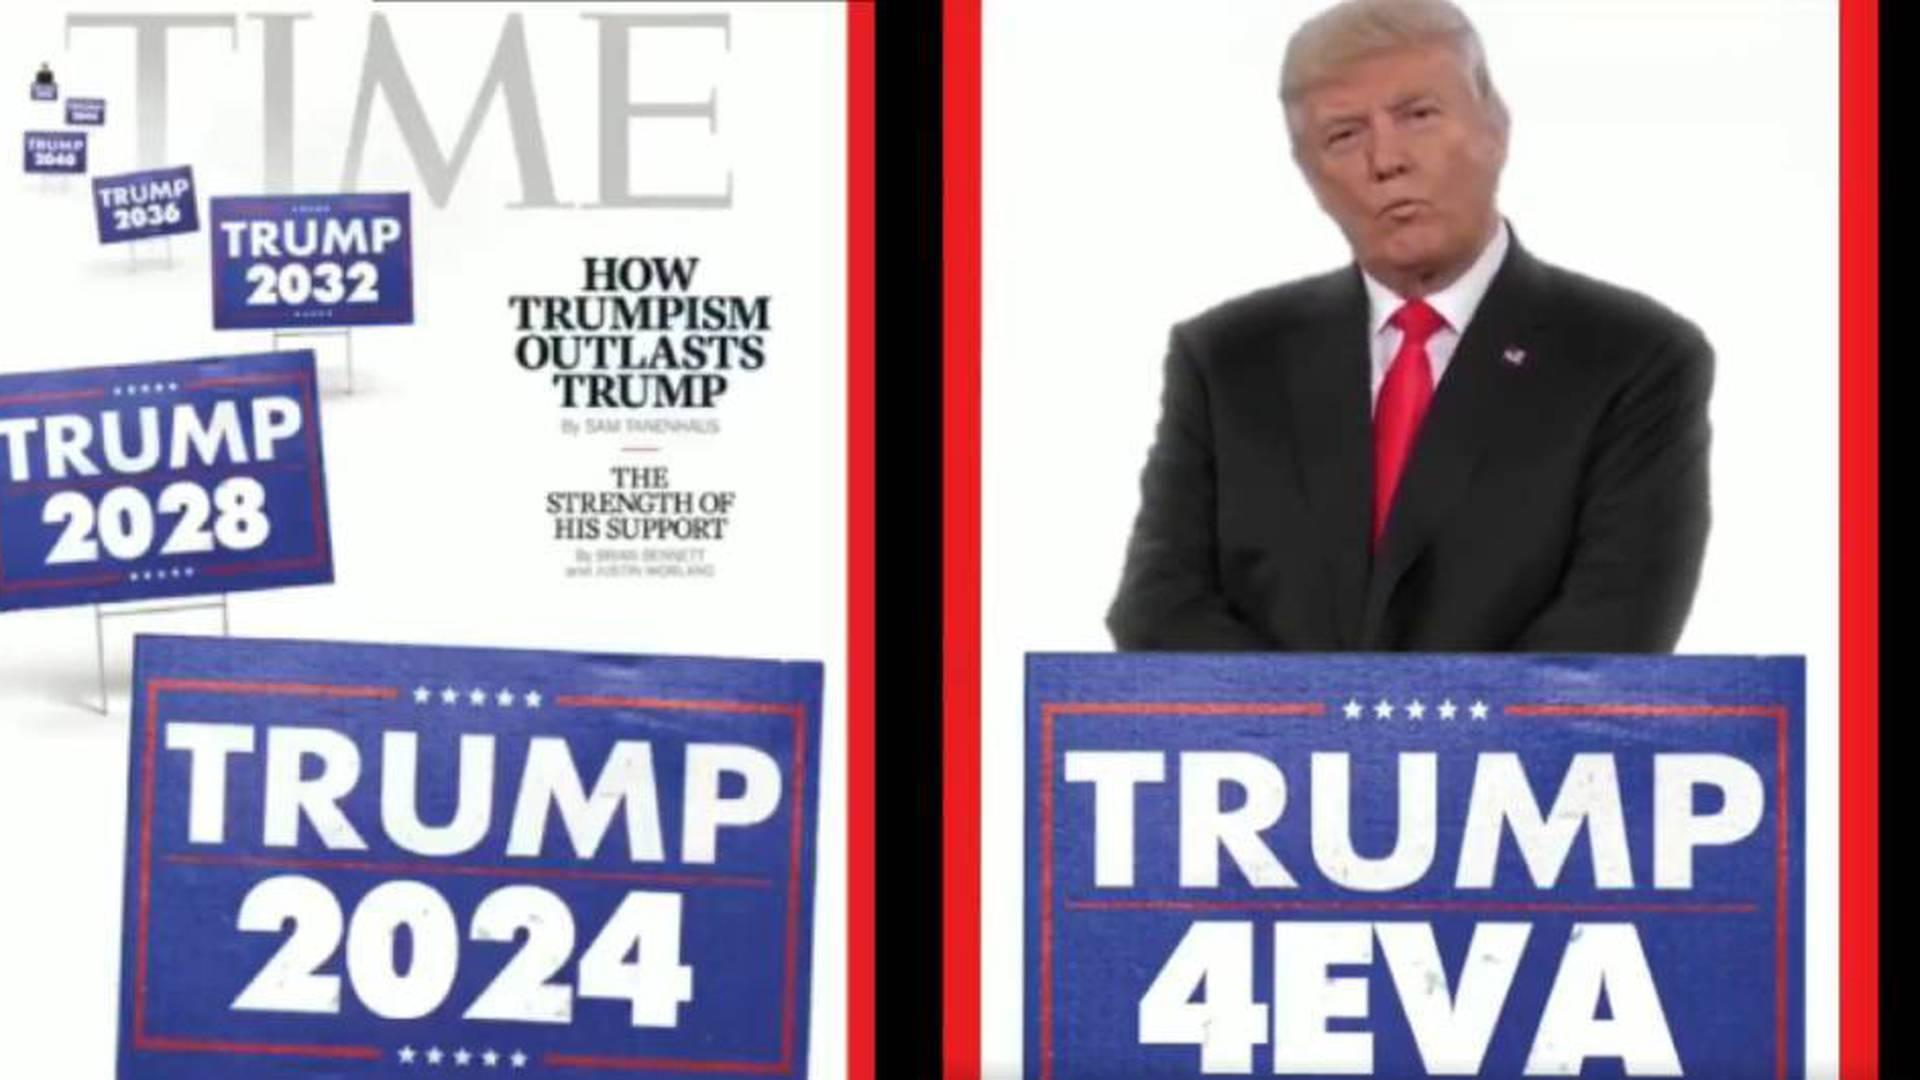 Al conocer el resultado de la votación, Trump celebró poniendo su pulgar en alto, pero además publicó un video en sus redes sociales para mostrar la proyección política que espera tener.